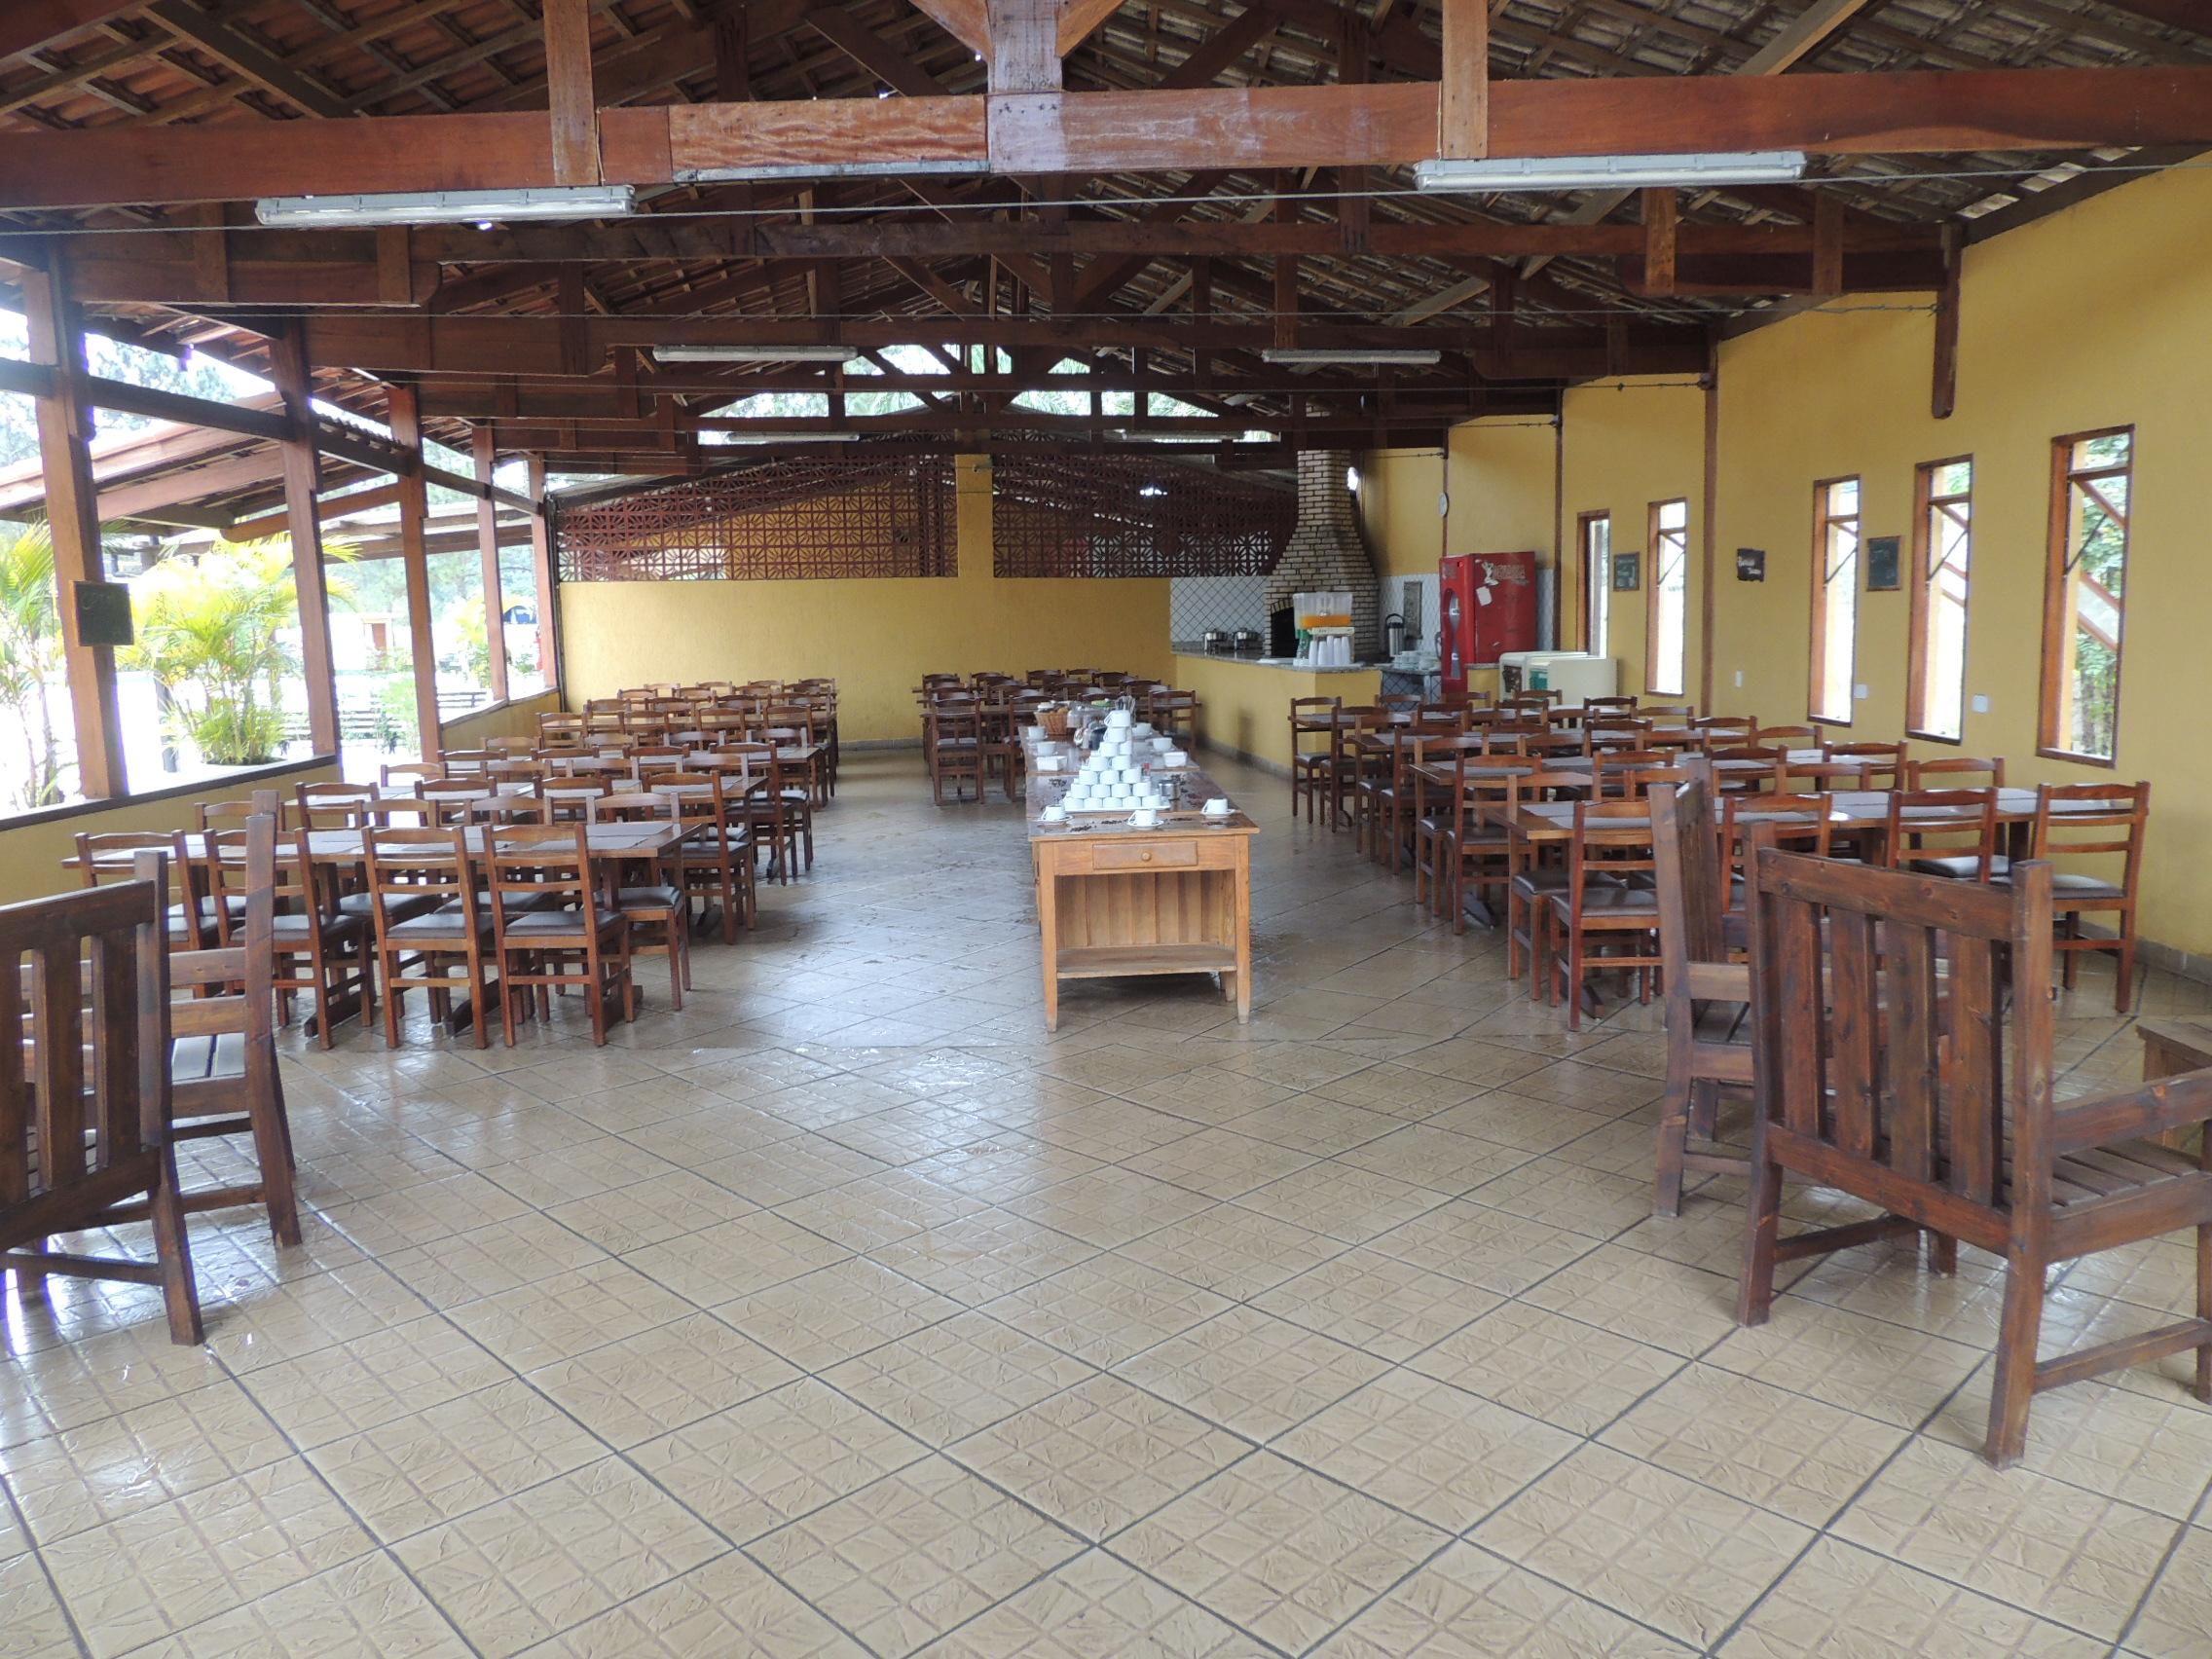 CENTRO DE TREINAMENTO  MOGI DAS CRUZES - Restaurante - Mogi das Cruzes